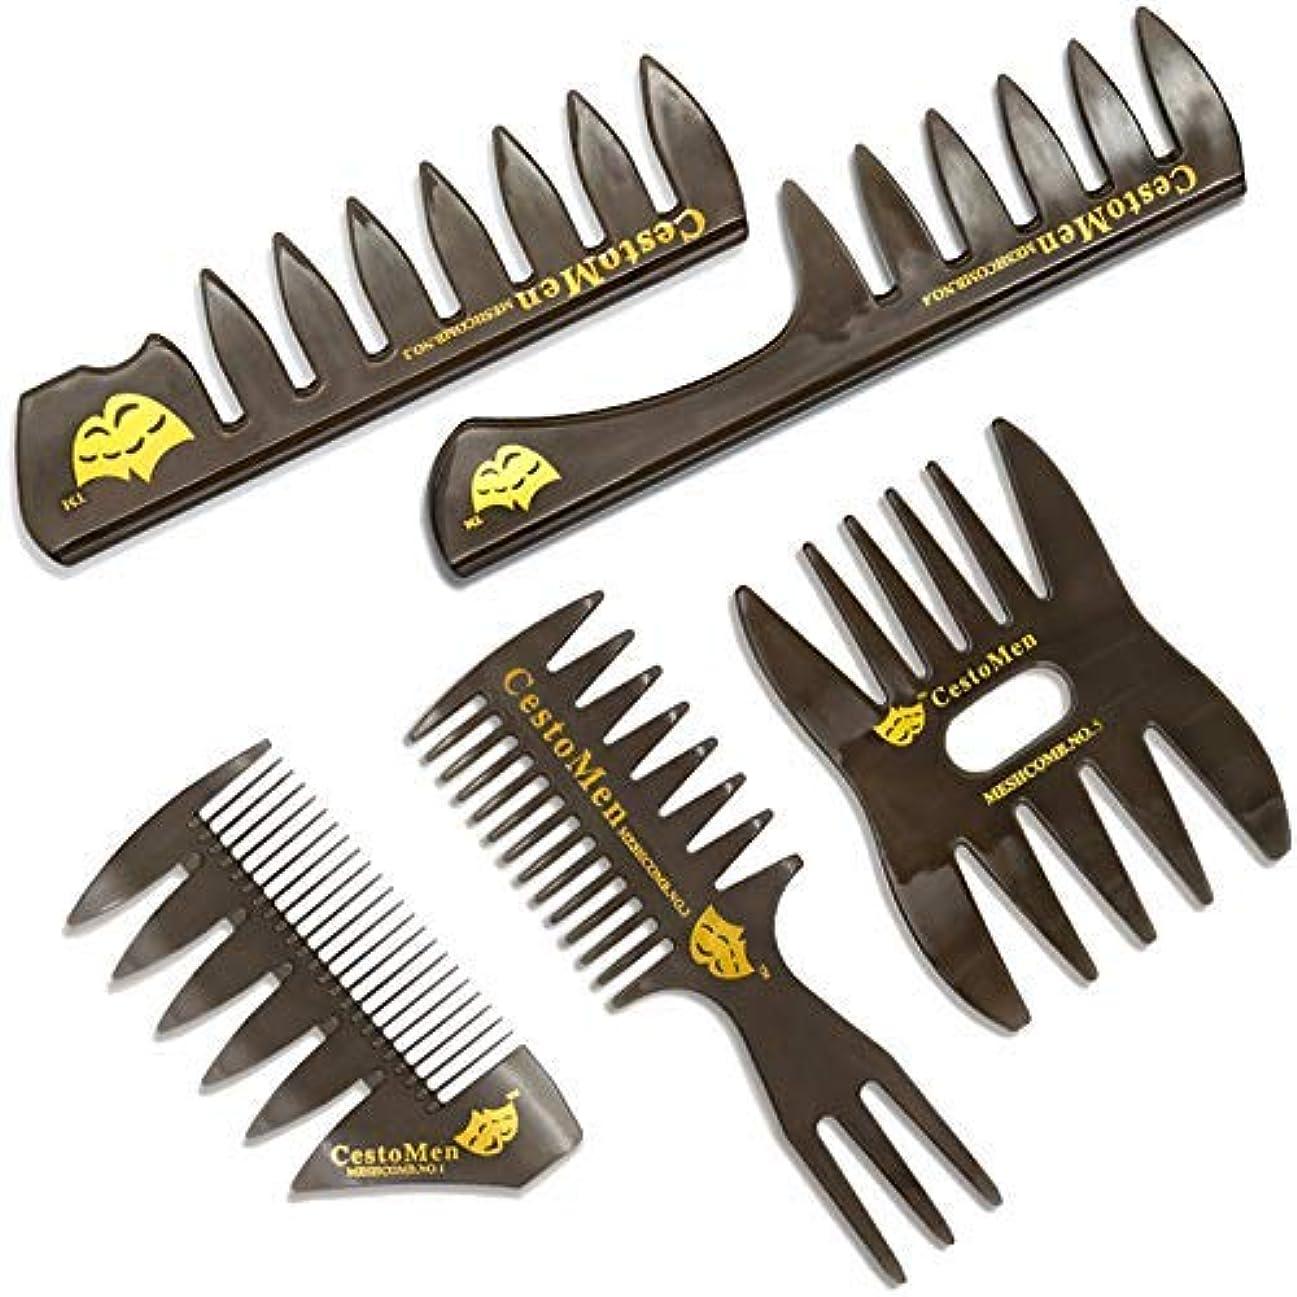 変更知覚する半径5 PCS Hair Comb Styling Set Barber Hairstylist Accessories - Professional Shaping & Teasing Wet Combs Tools, Anti...